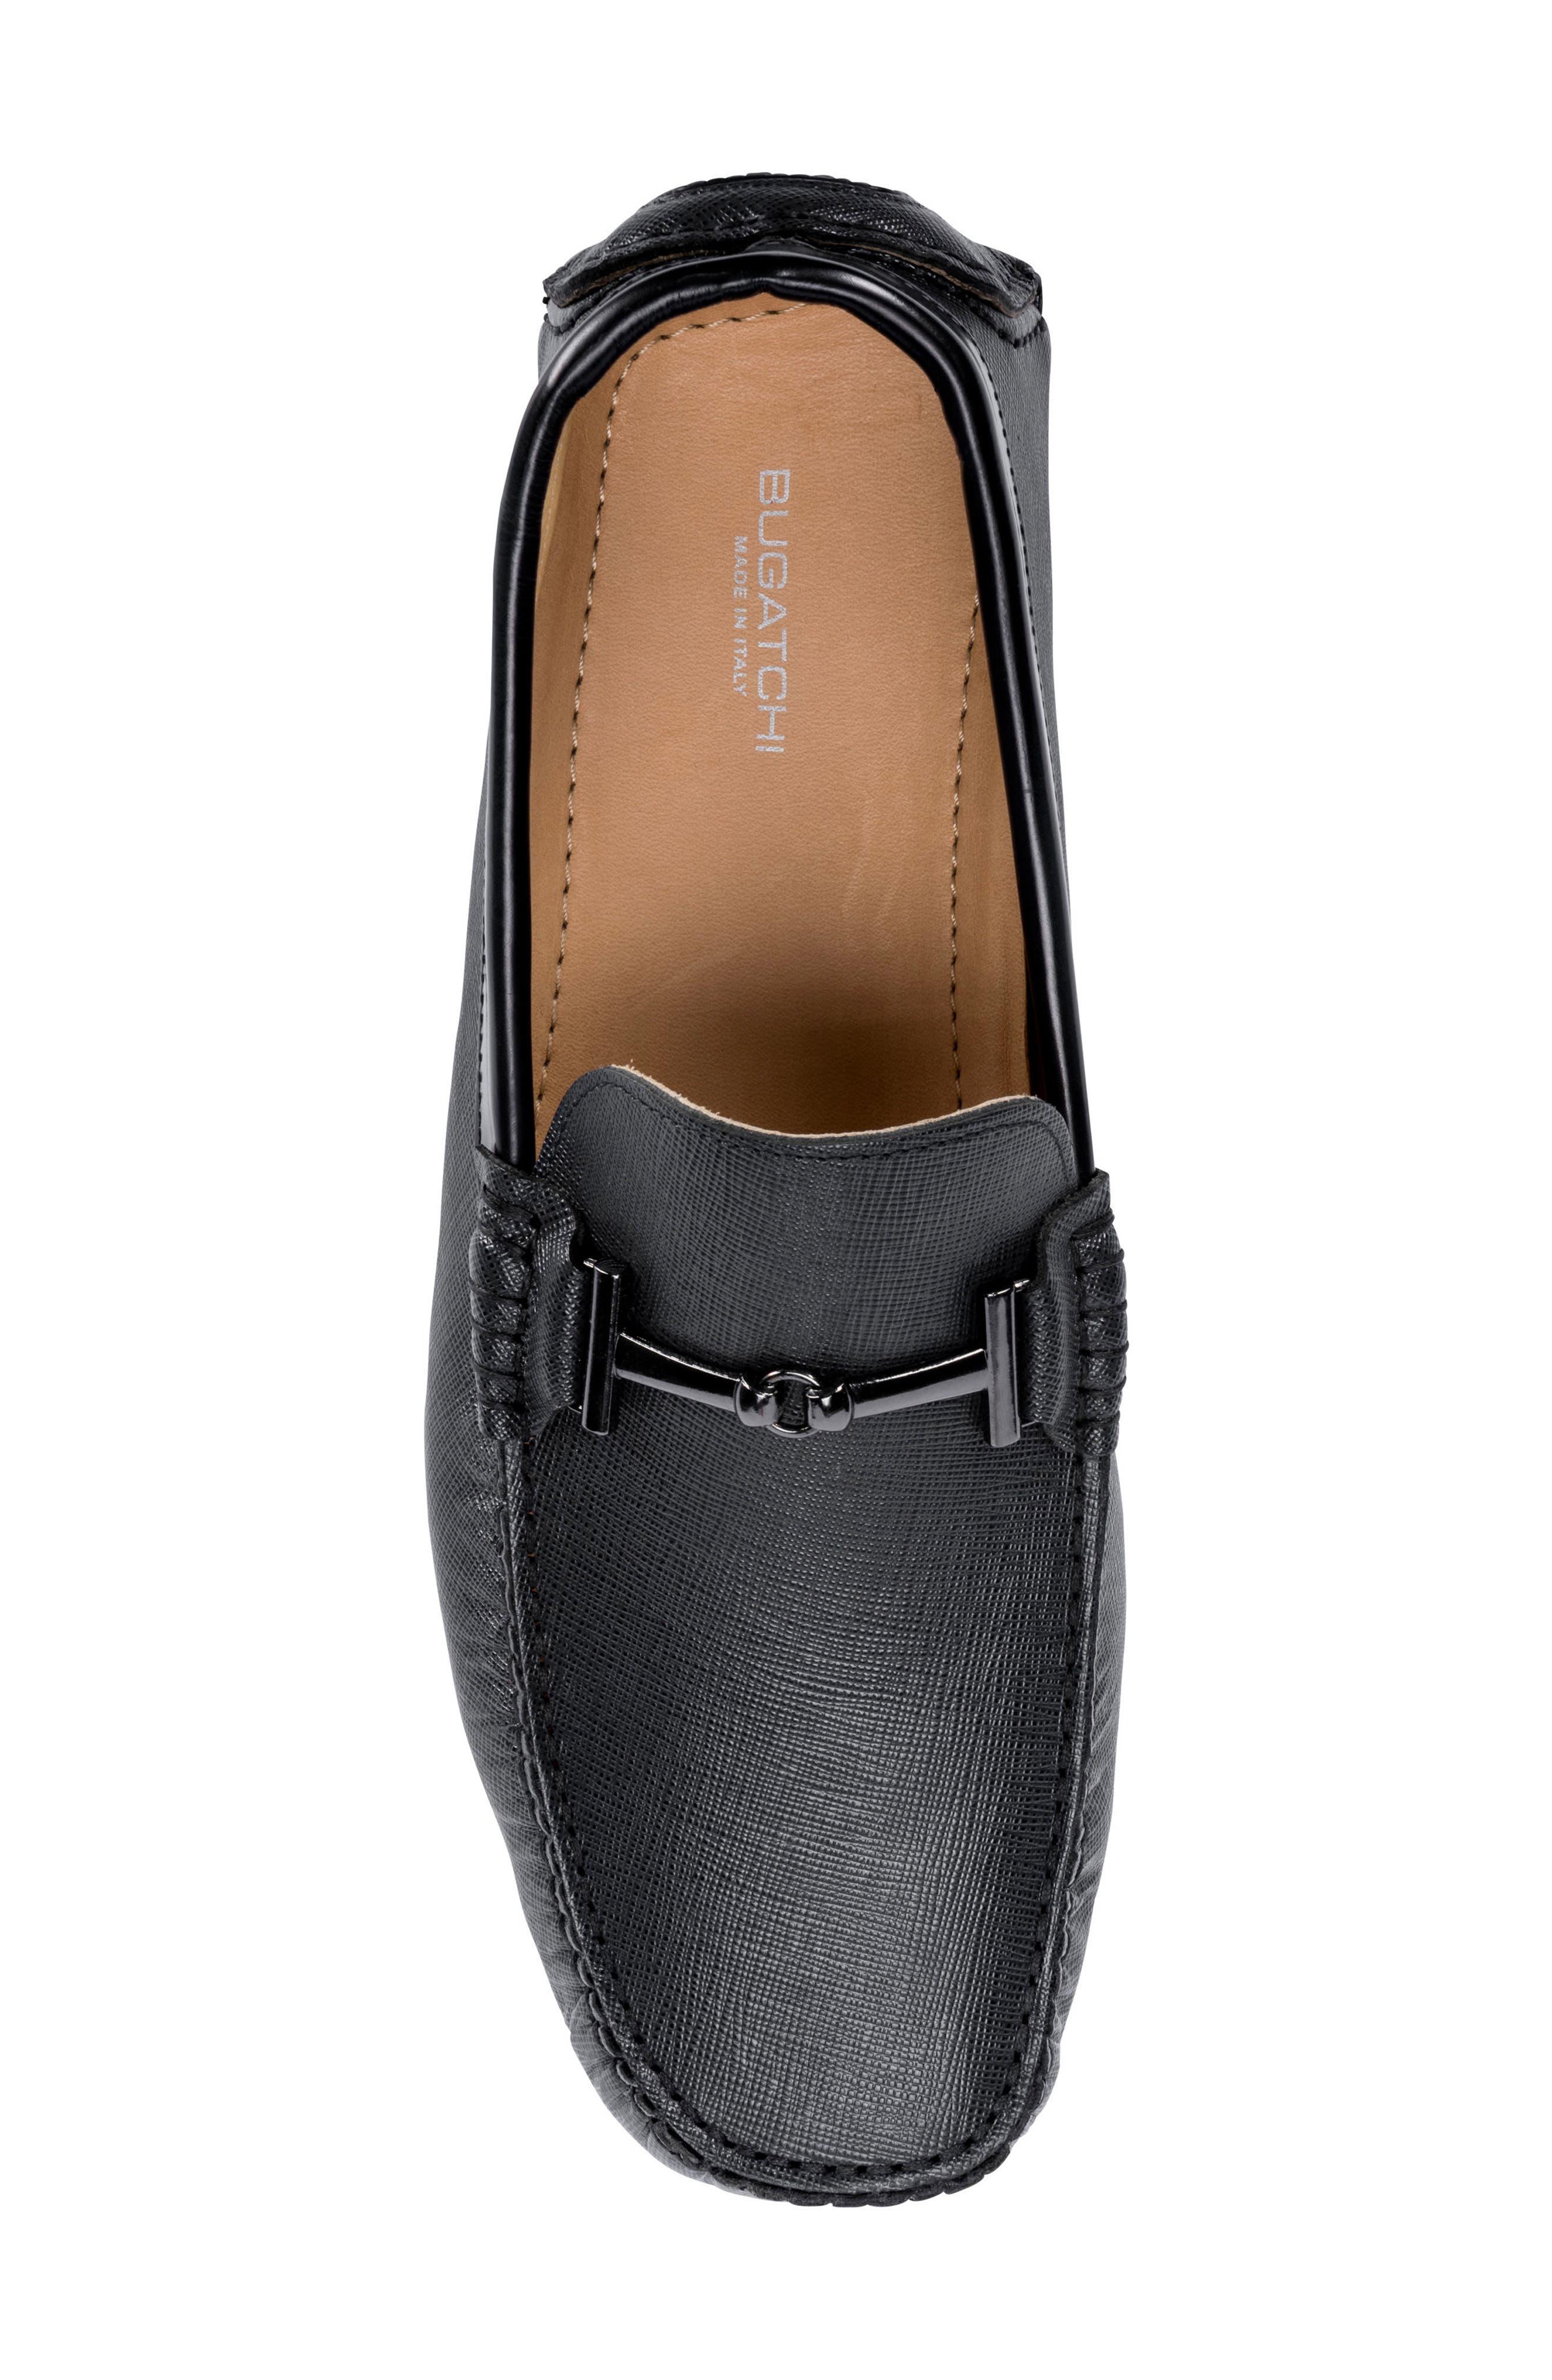 Capri Driving Shoe,                             Alternate thumbnail 5, color,                             Black